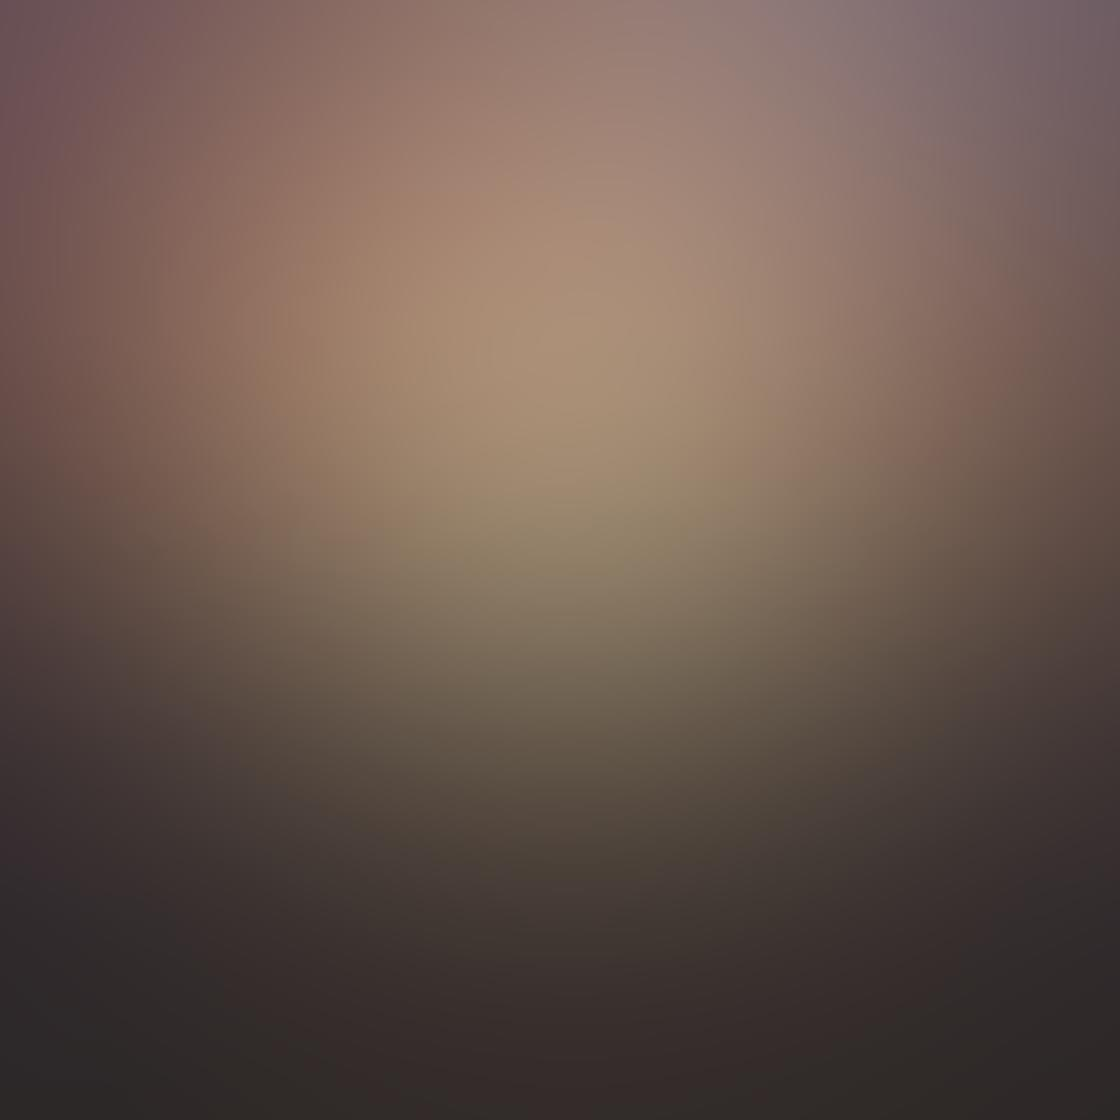 Multiple Exposure iPhone Photos 8